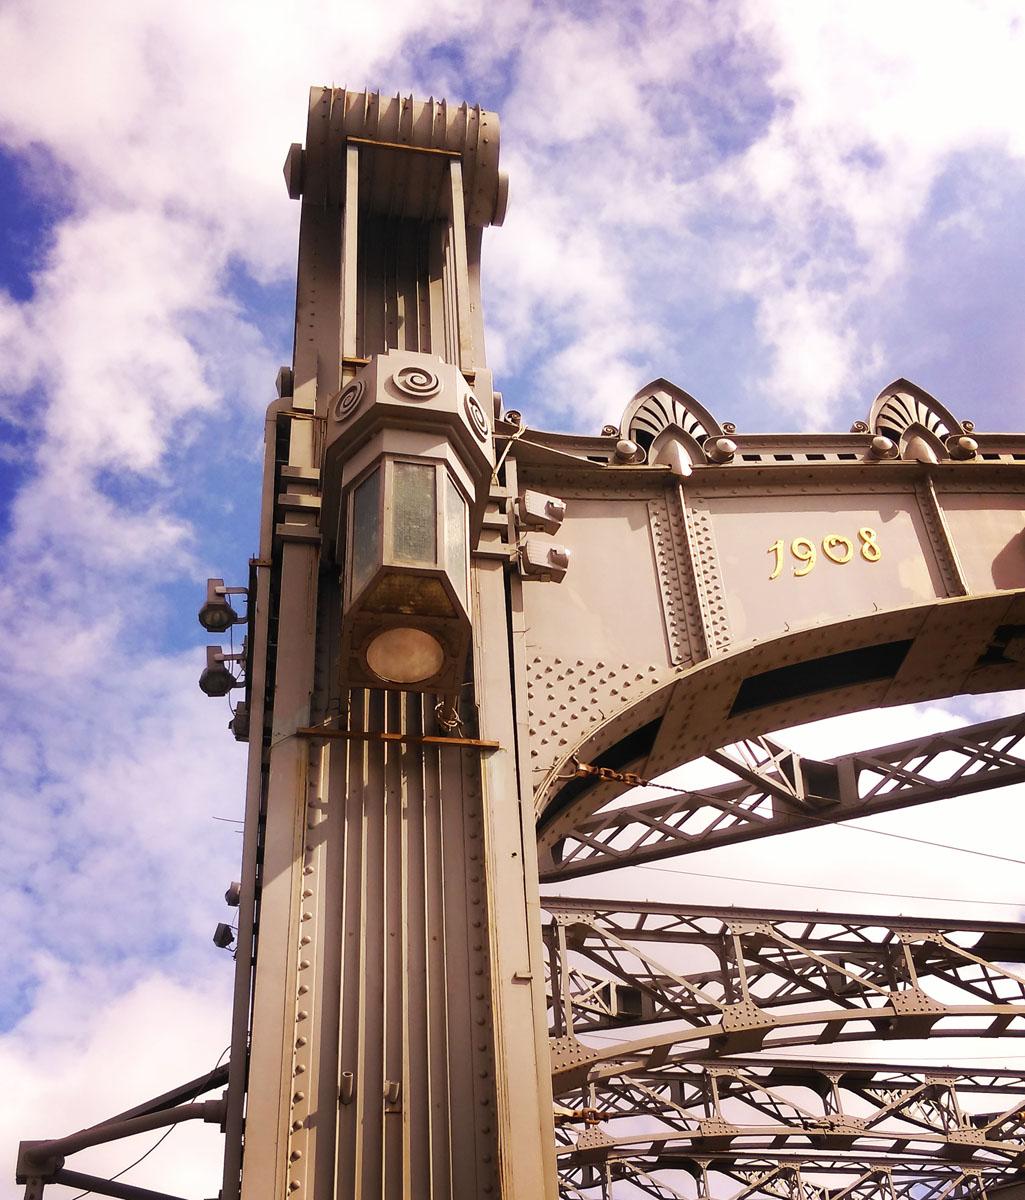 Большеохтинский мост. Строительство начато 26 июня 1909 года. 26 октября 1911 года мост был открыт. Первоначально он был назван мостом Императора Петра Великого. Общая длина моста 335 м, ширина 23.5 м.